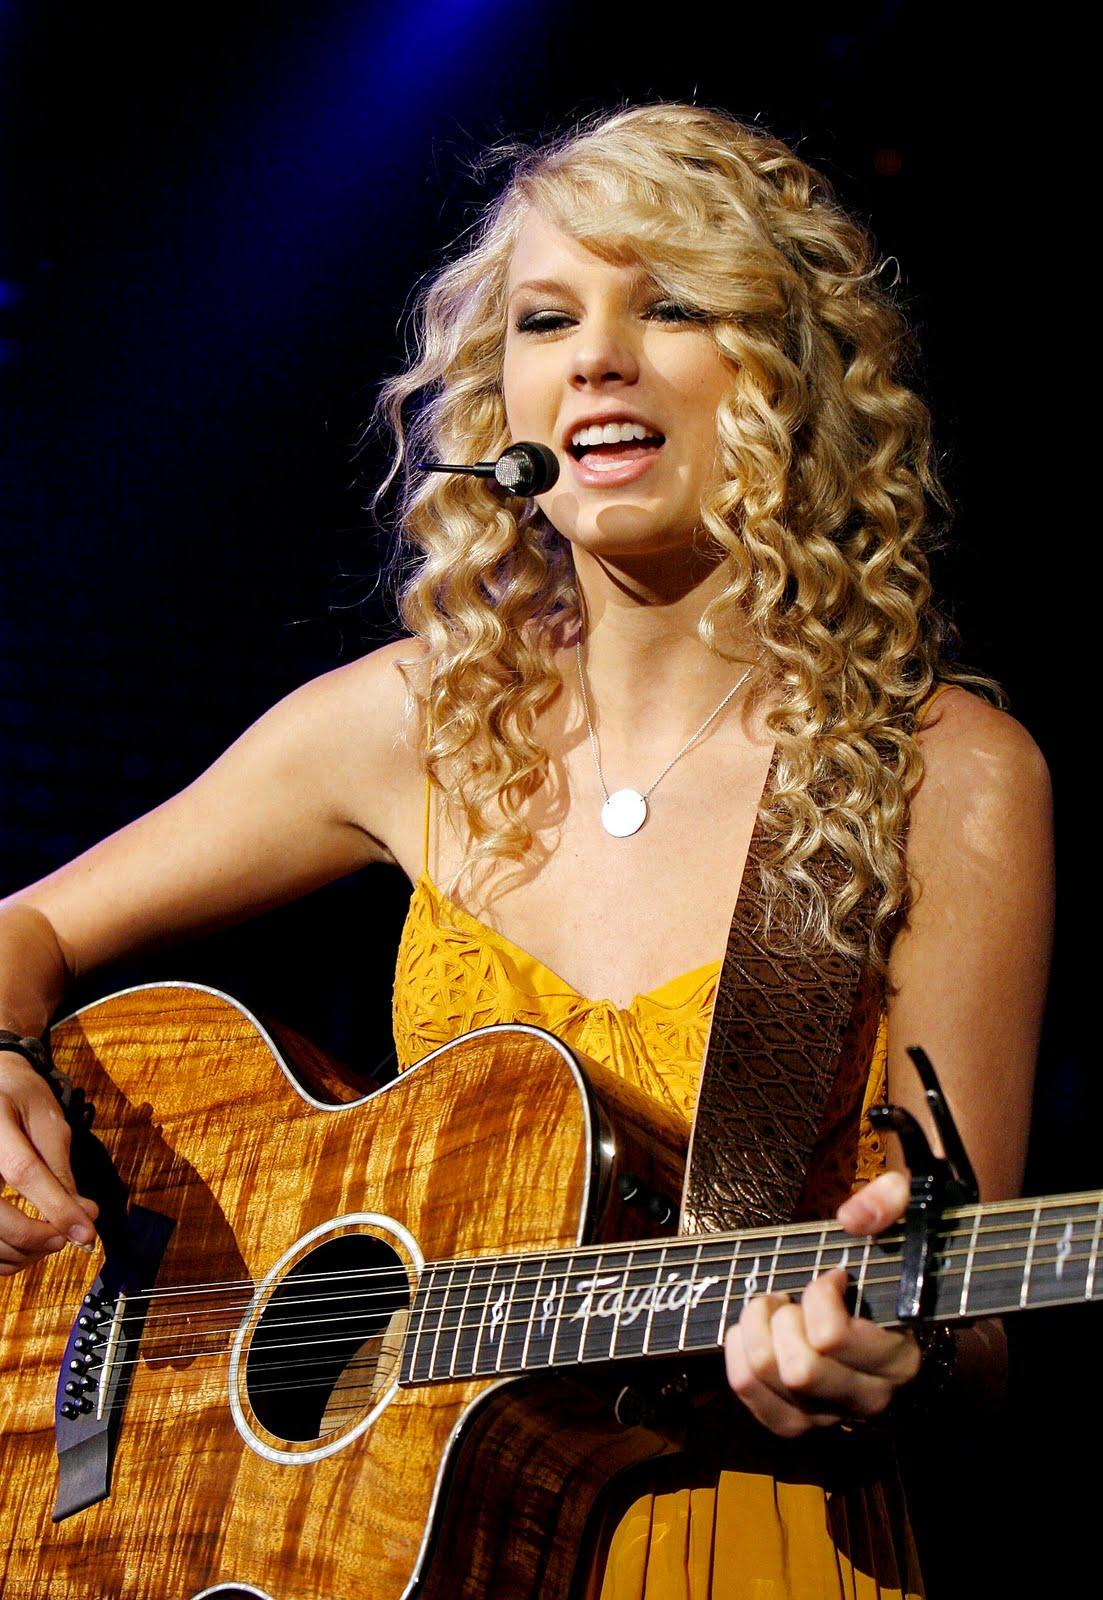 http://3.bp.blogspot.com/_k4YvZxWavLQ/TMyn2Q7XHtI/AAAAAAAAAV8/afru2MYnlIw/s1600/Taylor+Swift.jpg